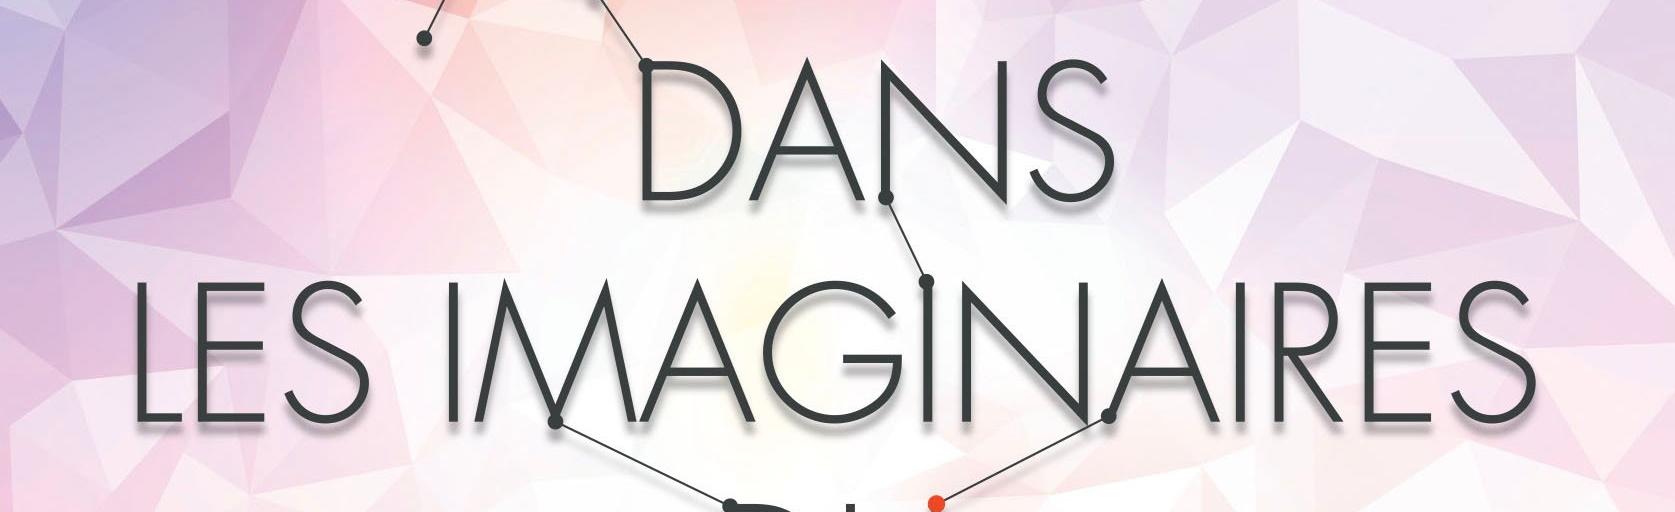 Dans les imaginaires du futur : rencontre avec Ariel Kyrou  sur France Culture